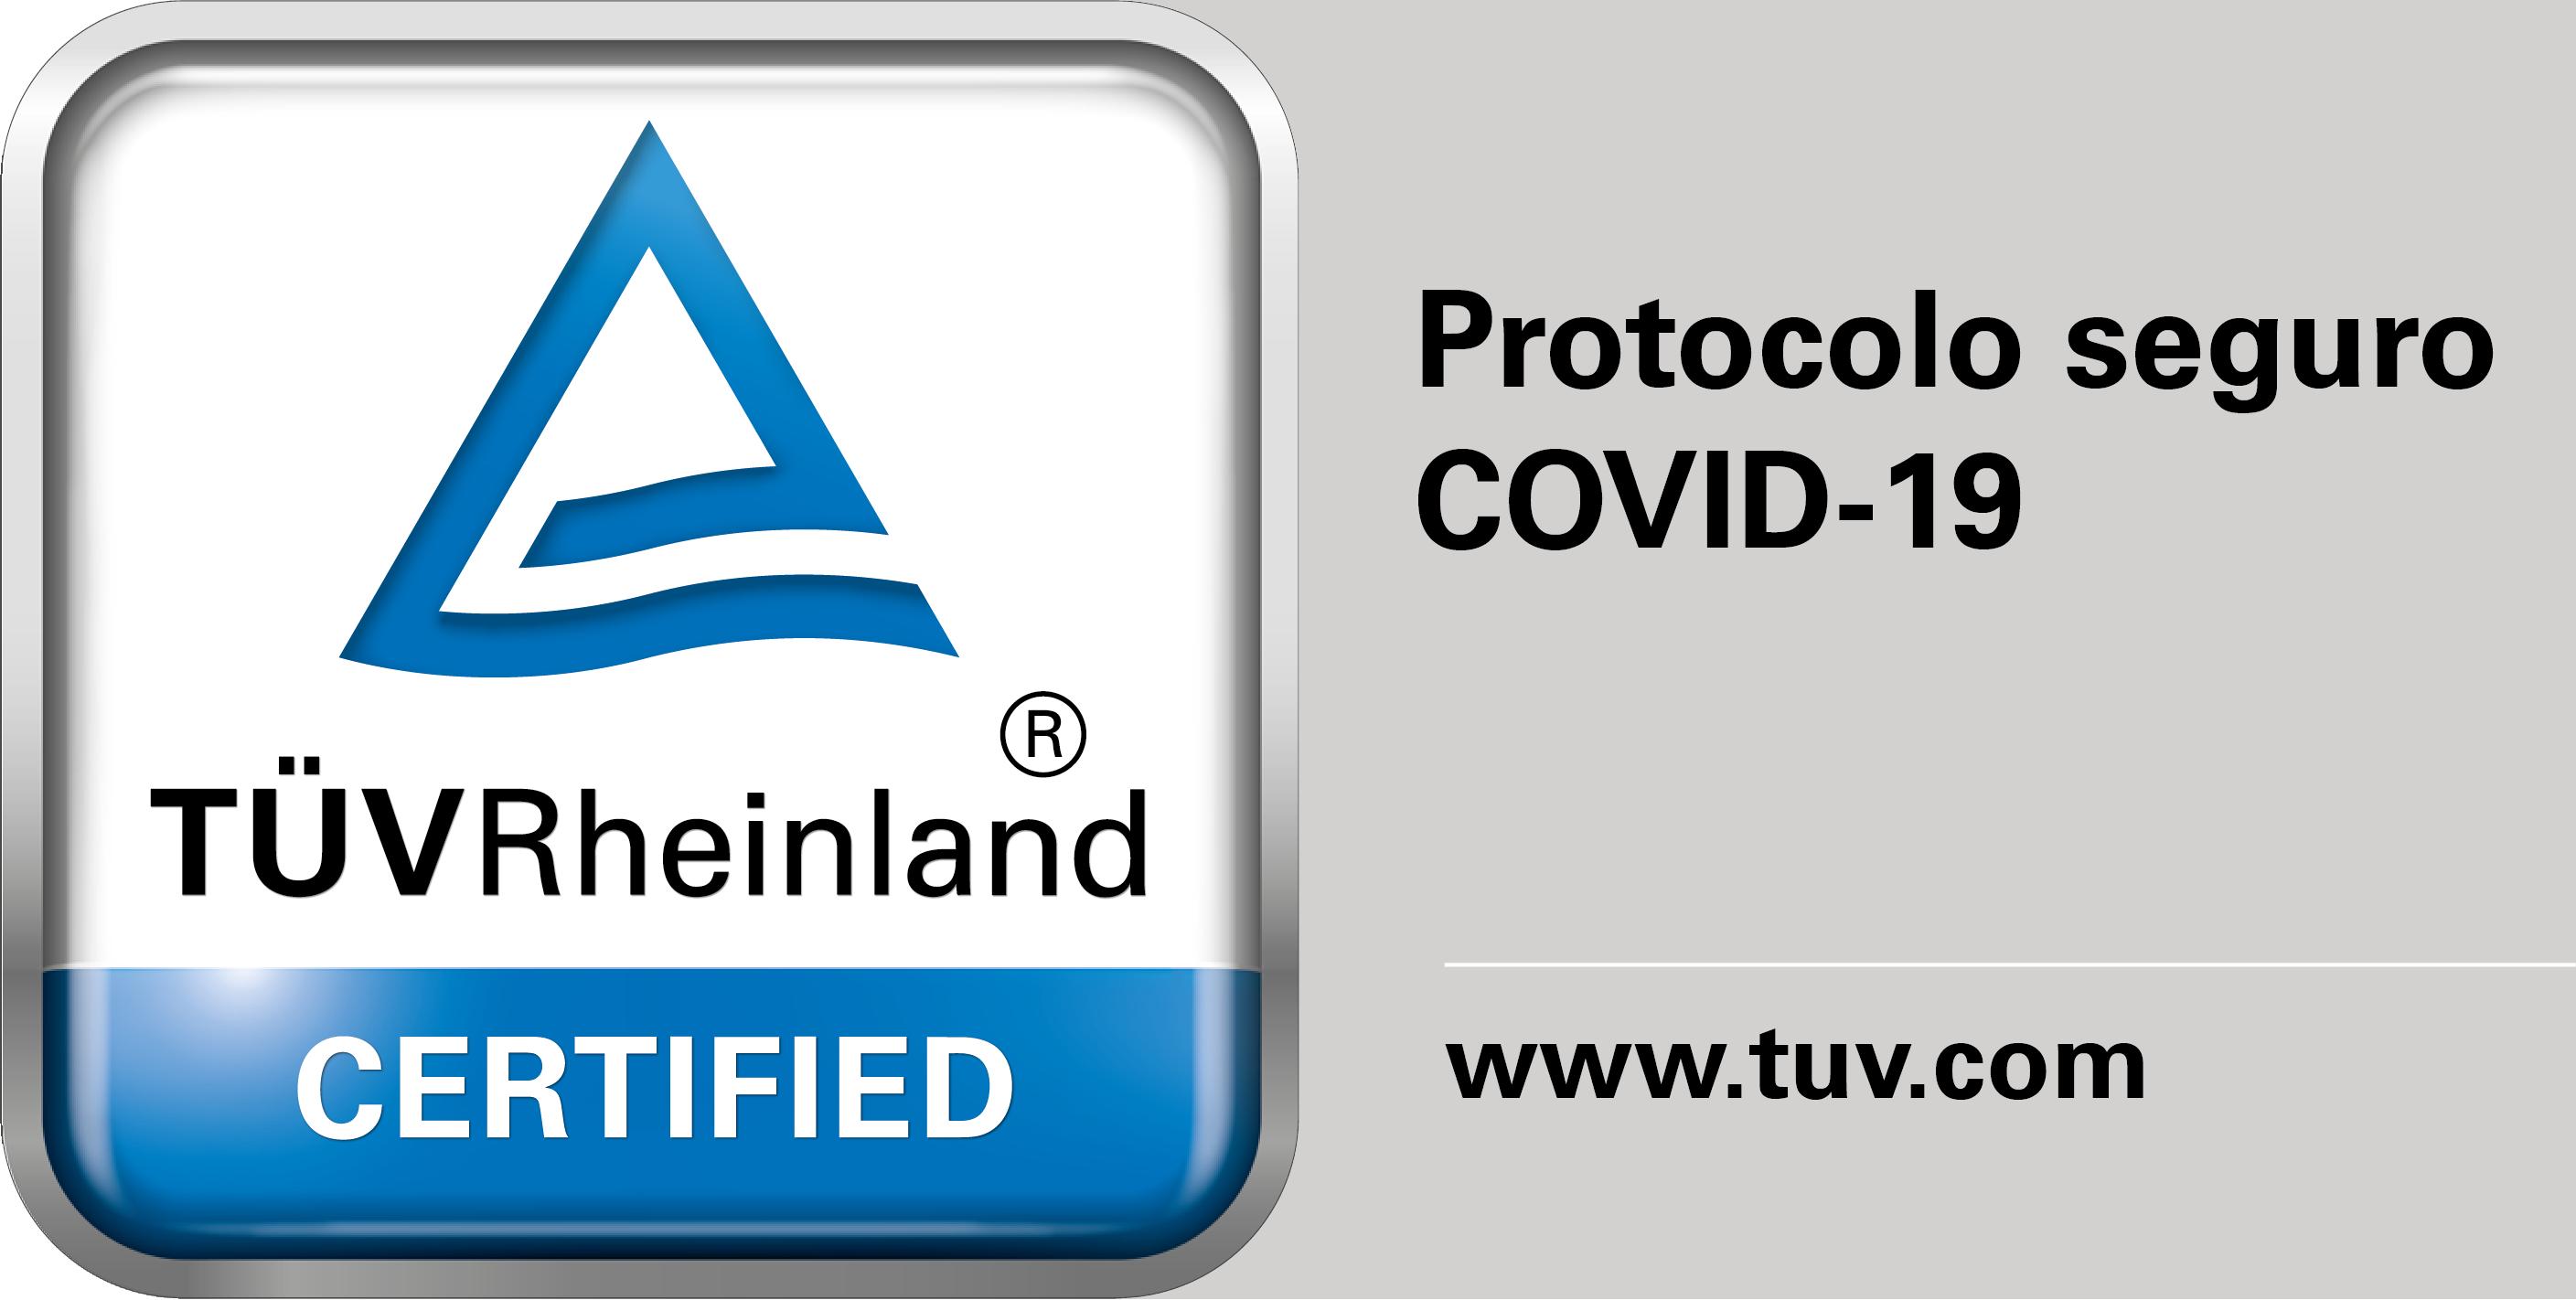 test mark certified Protocolo Seguro